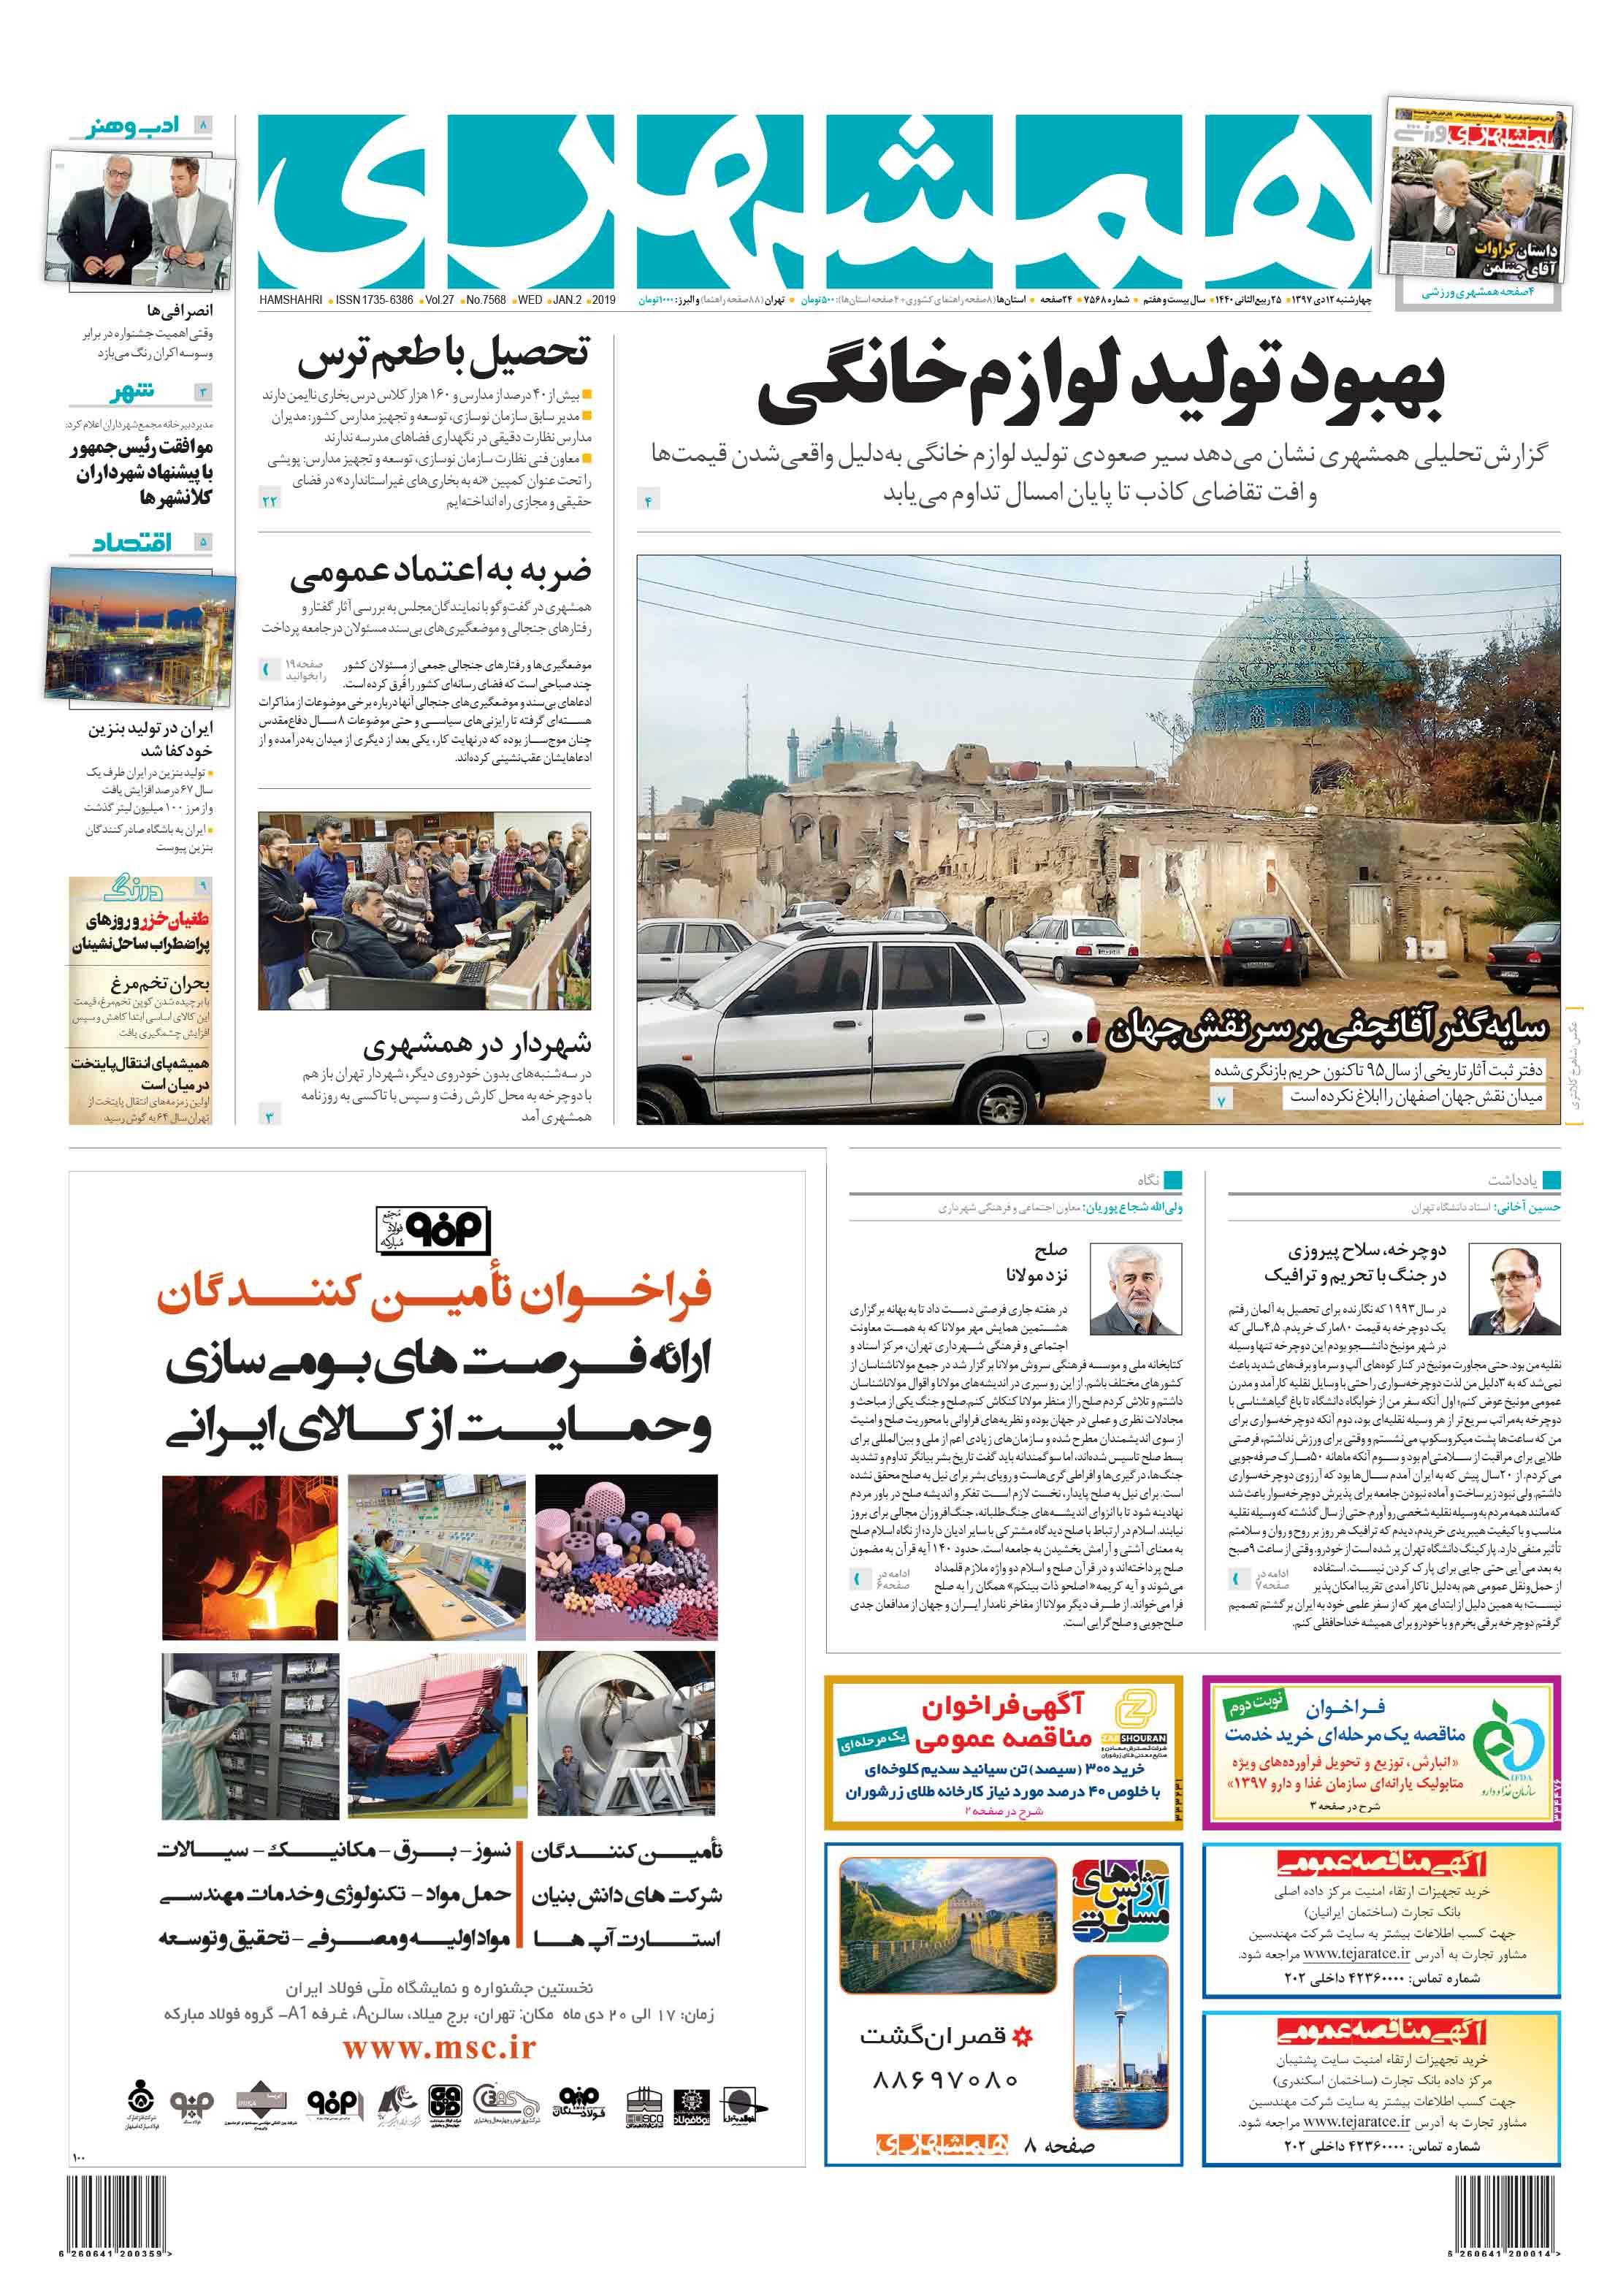 صفحه اول چهارشنبه 12 دی 1397